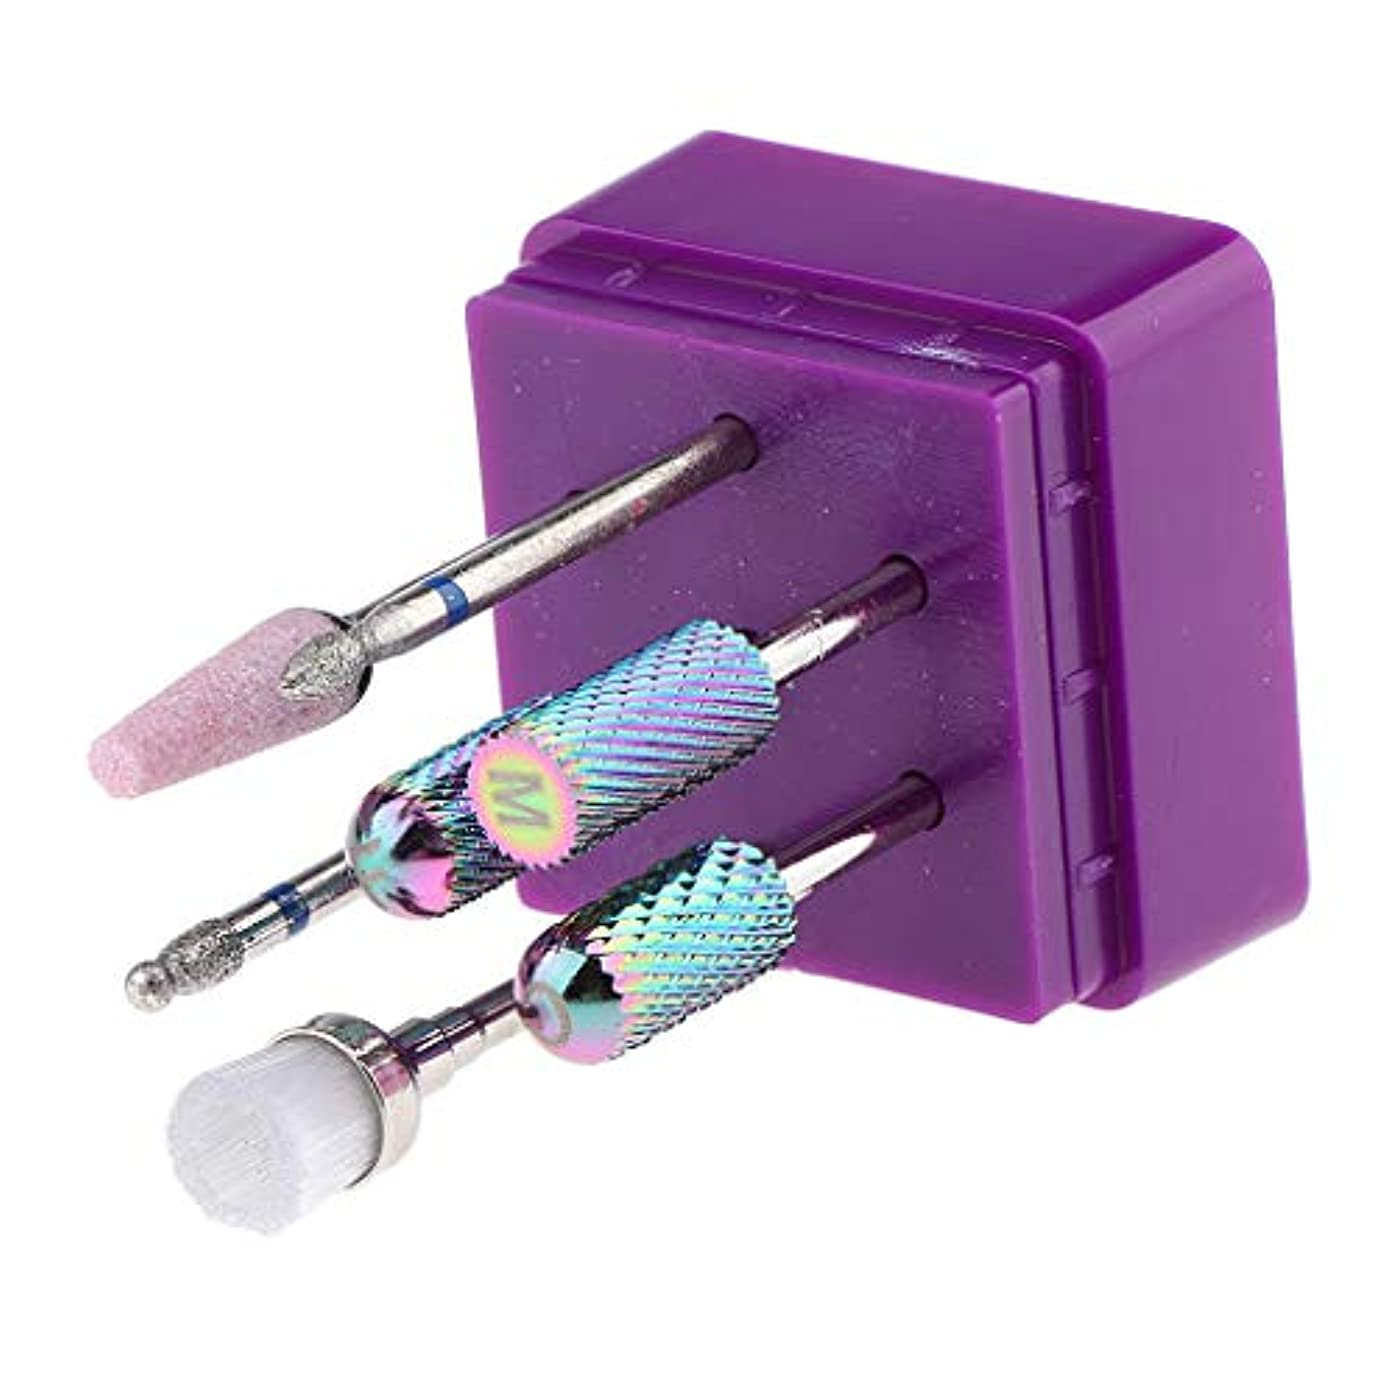 エアコンラベ戦略B Baosity 電気ネイルマシン 研削ヘッド 研磨 ドリルビット ネイルアート ネイルサロン